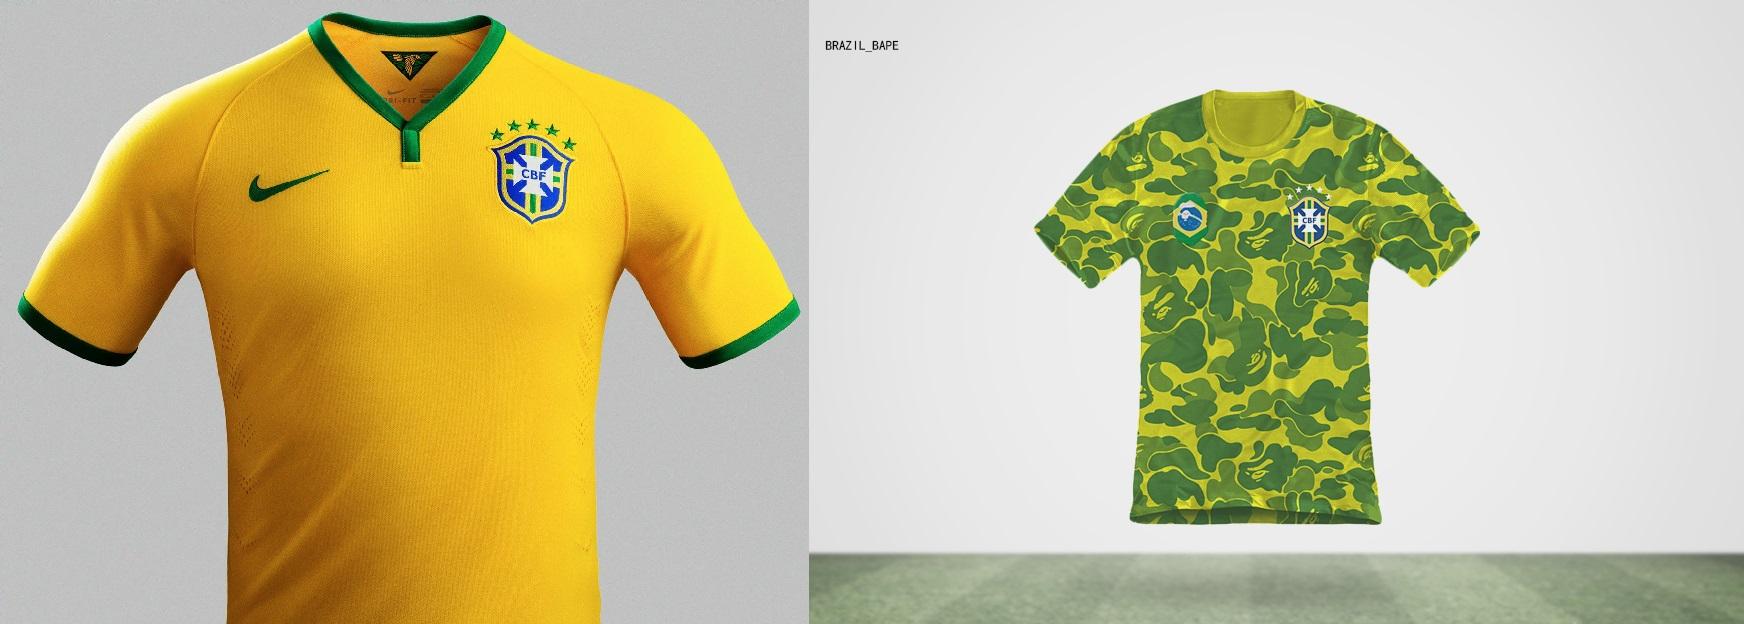 Brasil footyheadline